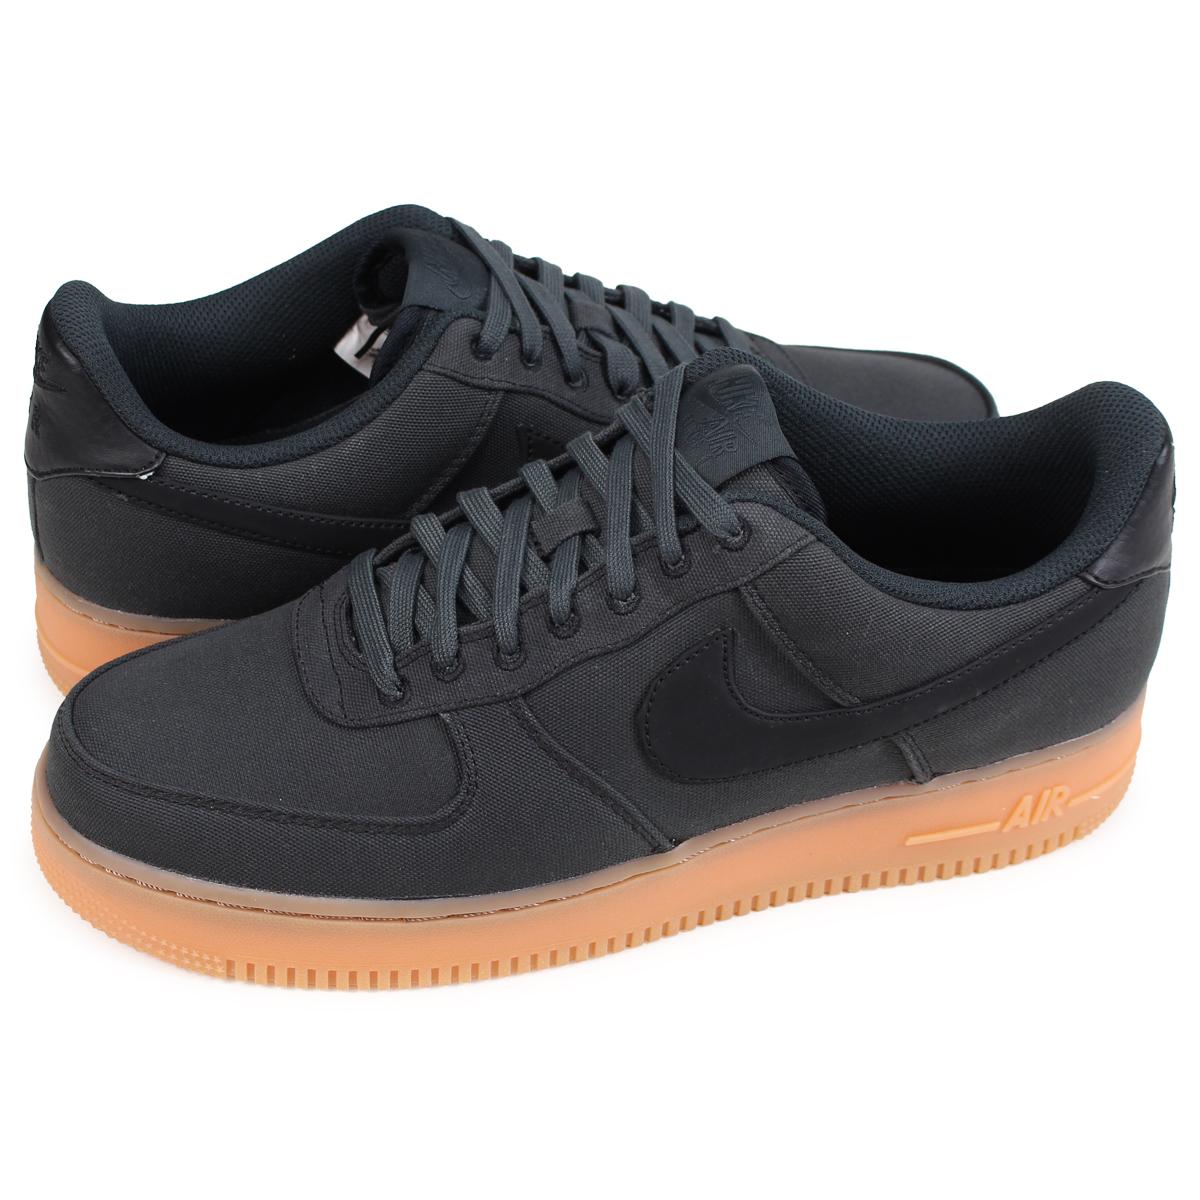 Black suede Nike Air Force 1